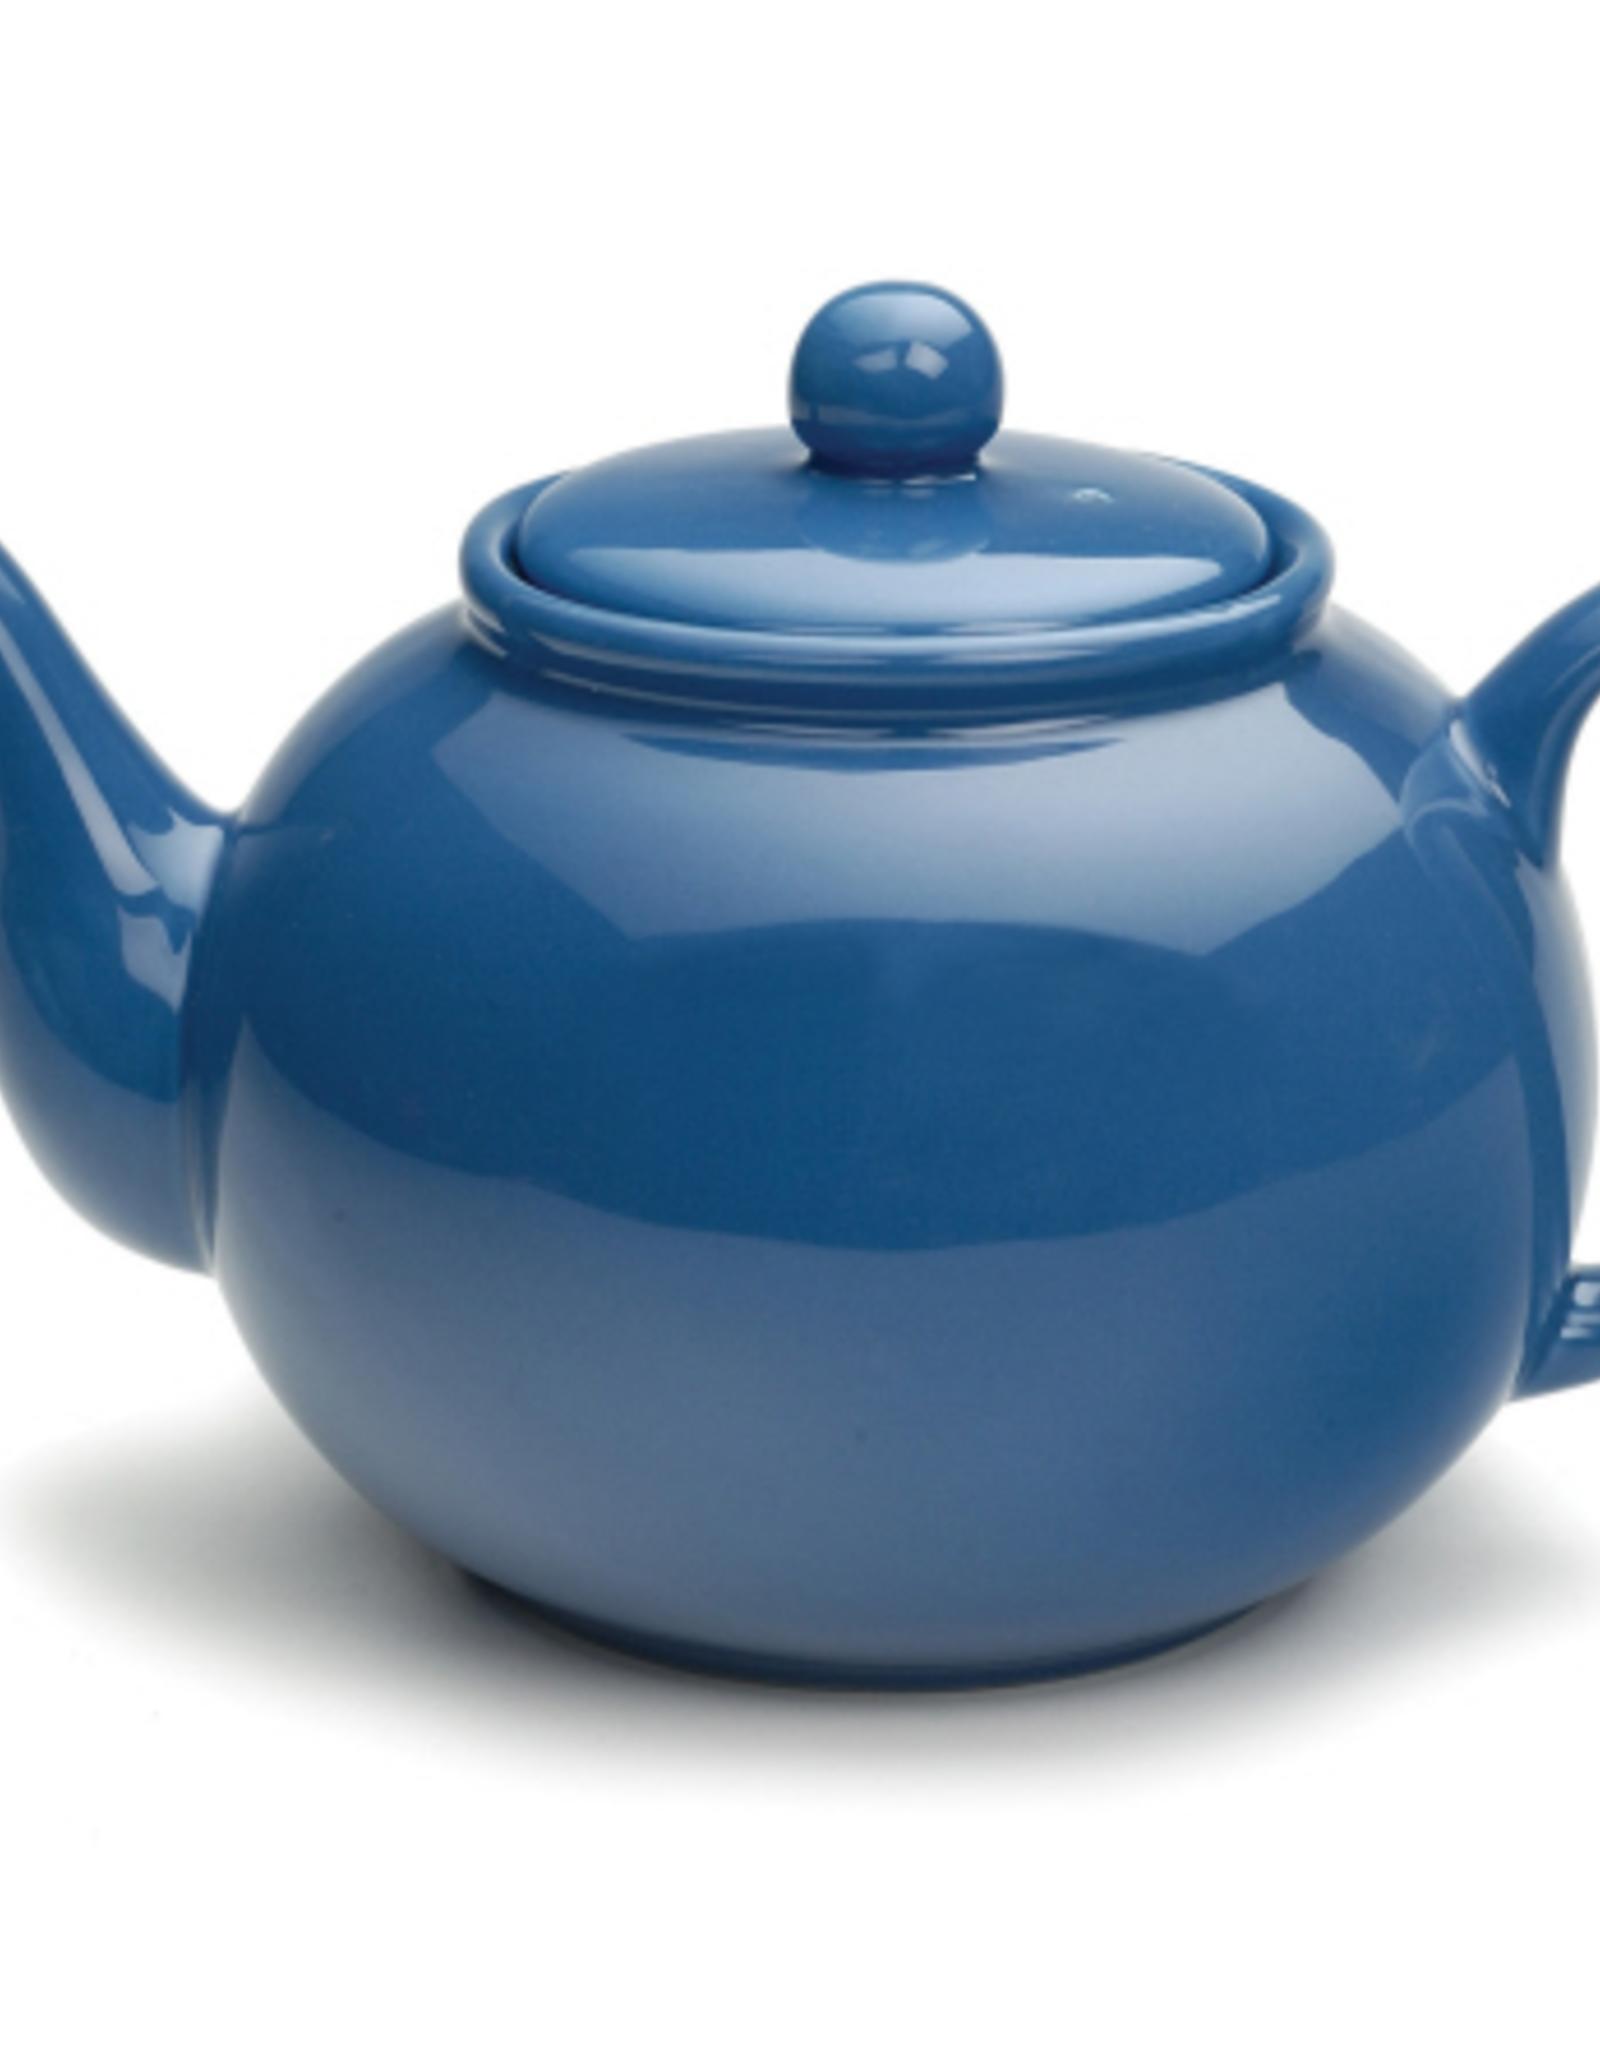 rsvp Stoneware Teapot 16 oz